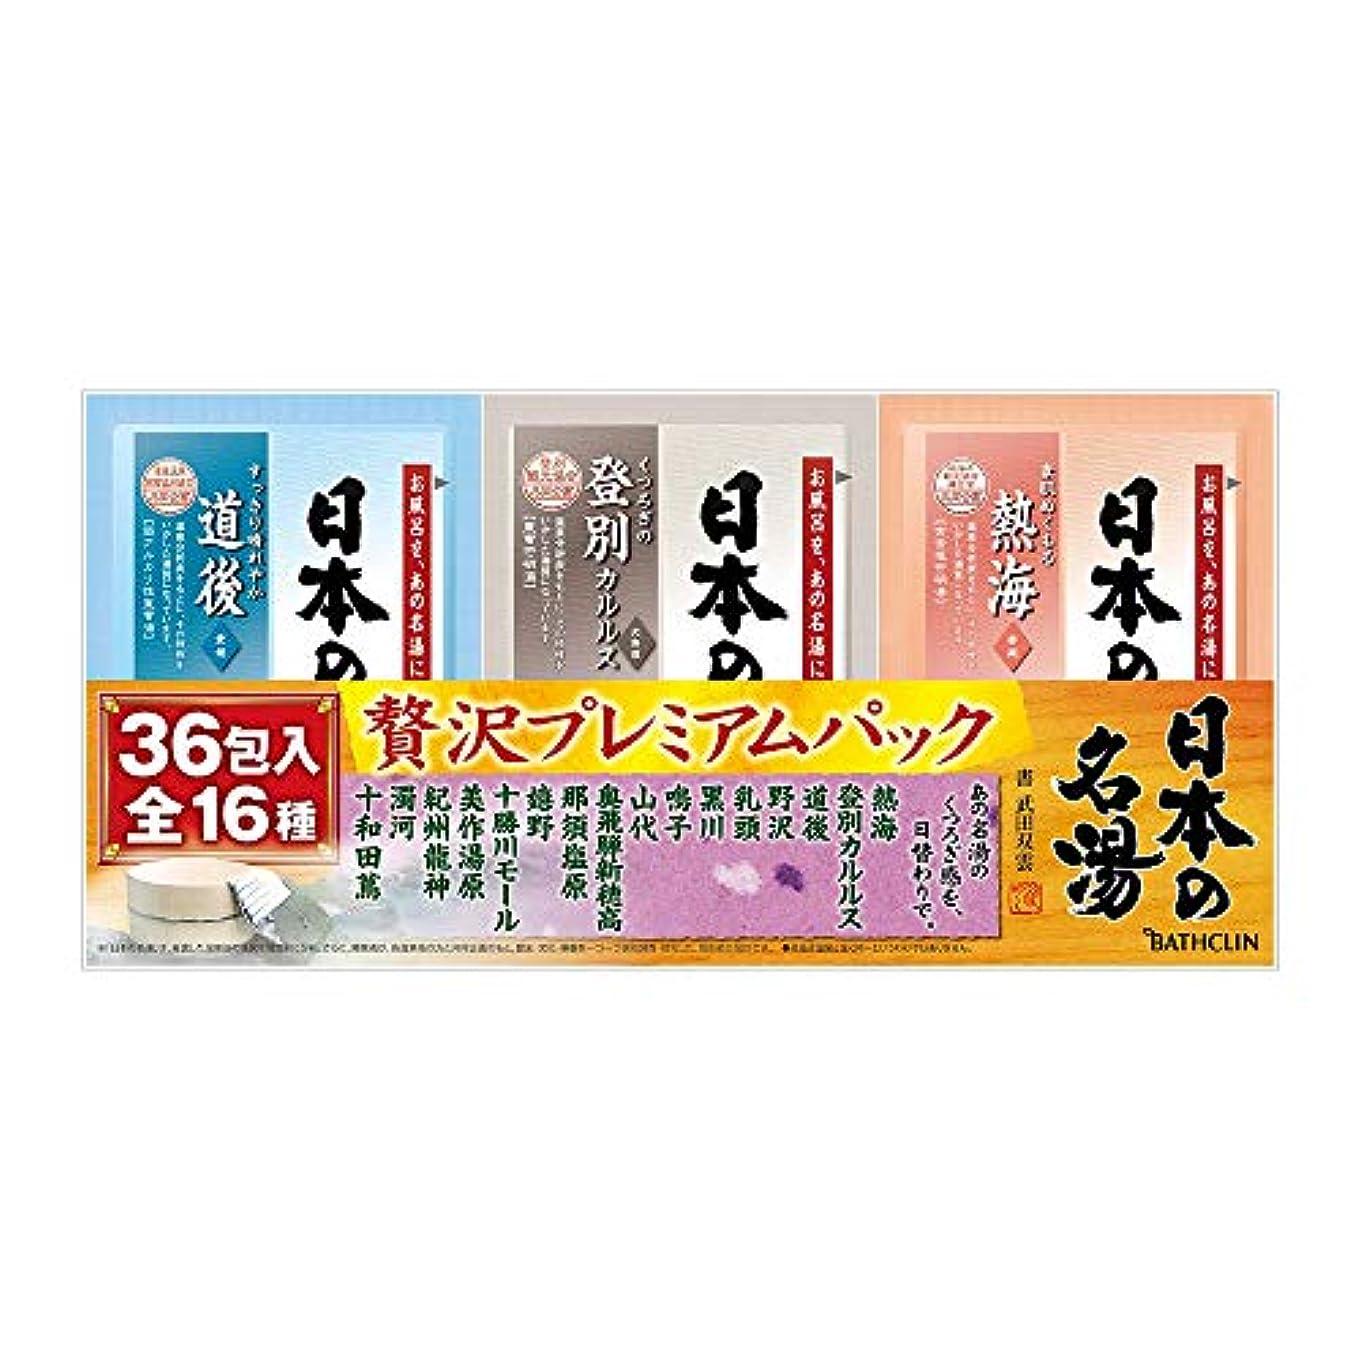 矢印季節インストラクター【医薬部外品/大容量】日本の名湯入浴剤 贅沢プレミアムパック36包入 個包装 詰め合わせ 温泉タイプ